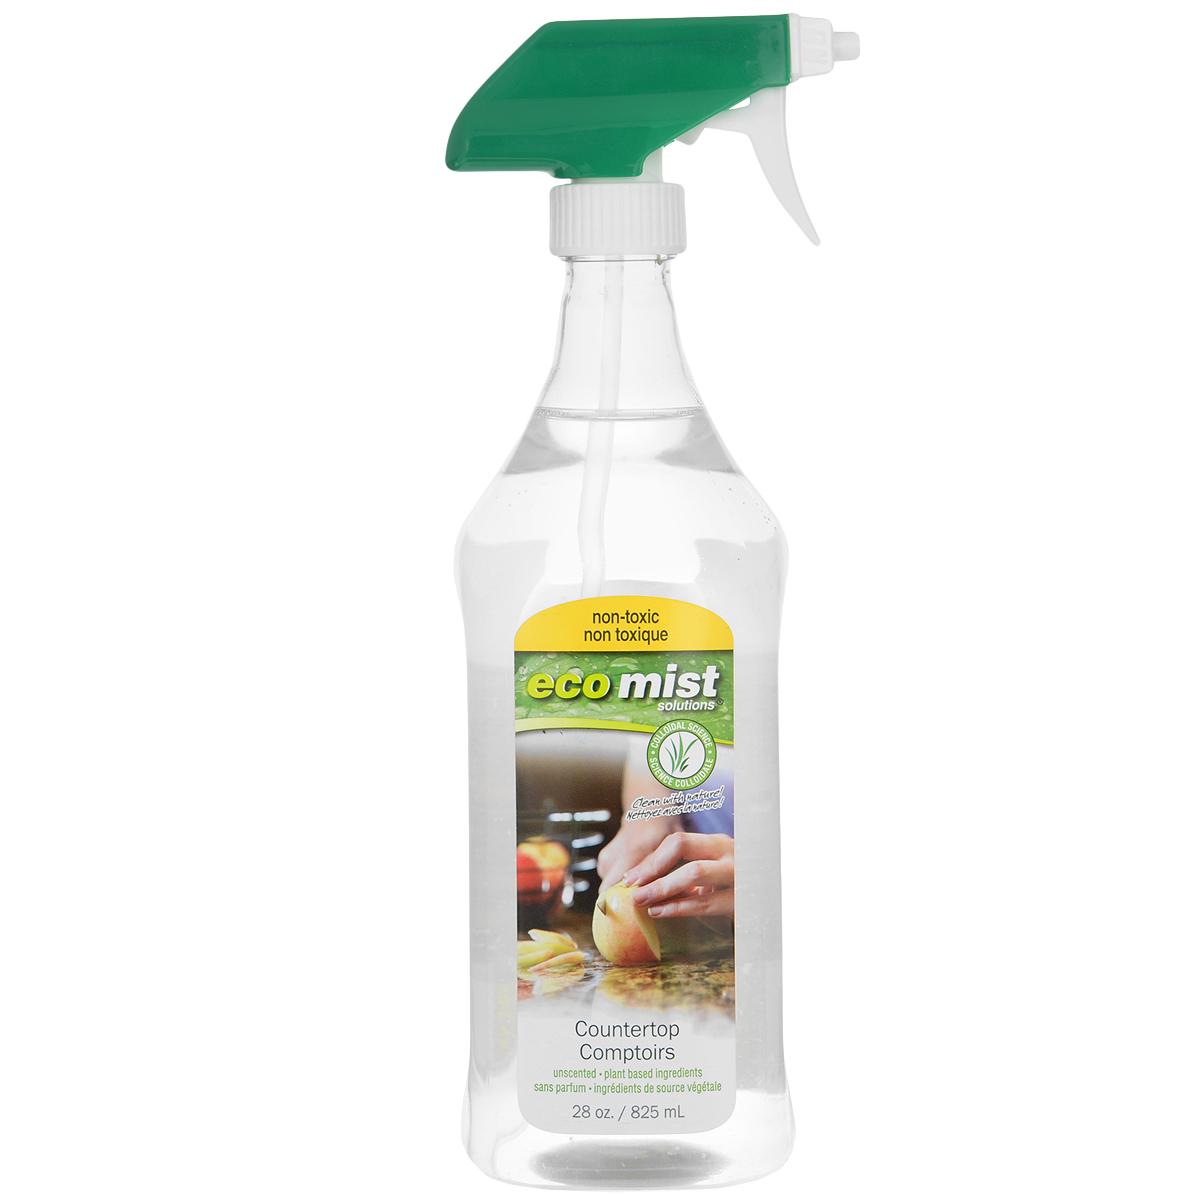 Средство для очистки столешниц Eco Mist, 825 мл68/5/3Средство Eco Mist предназначено для удаления пыли, грязи, плесени, грибка со всех видов каменных столешниц и предметов - гранитных, мраморных, известняковых, керамических. Незаменимое средство при уборке саун, бань и др. Придает сияющий вид и идеальную чистоту.Состав: дехлорированная вода, обработанный экстракт кокосового ореха, сахарный тростник, экстракт зерна.